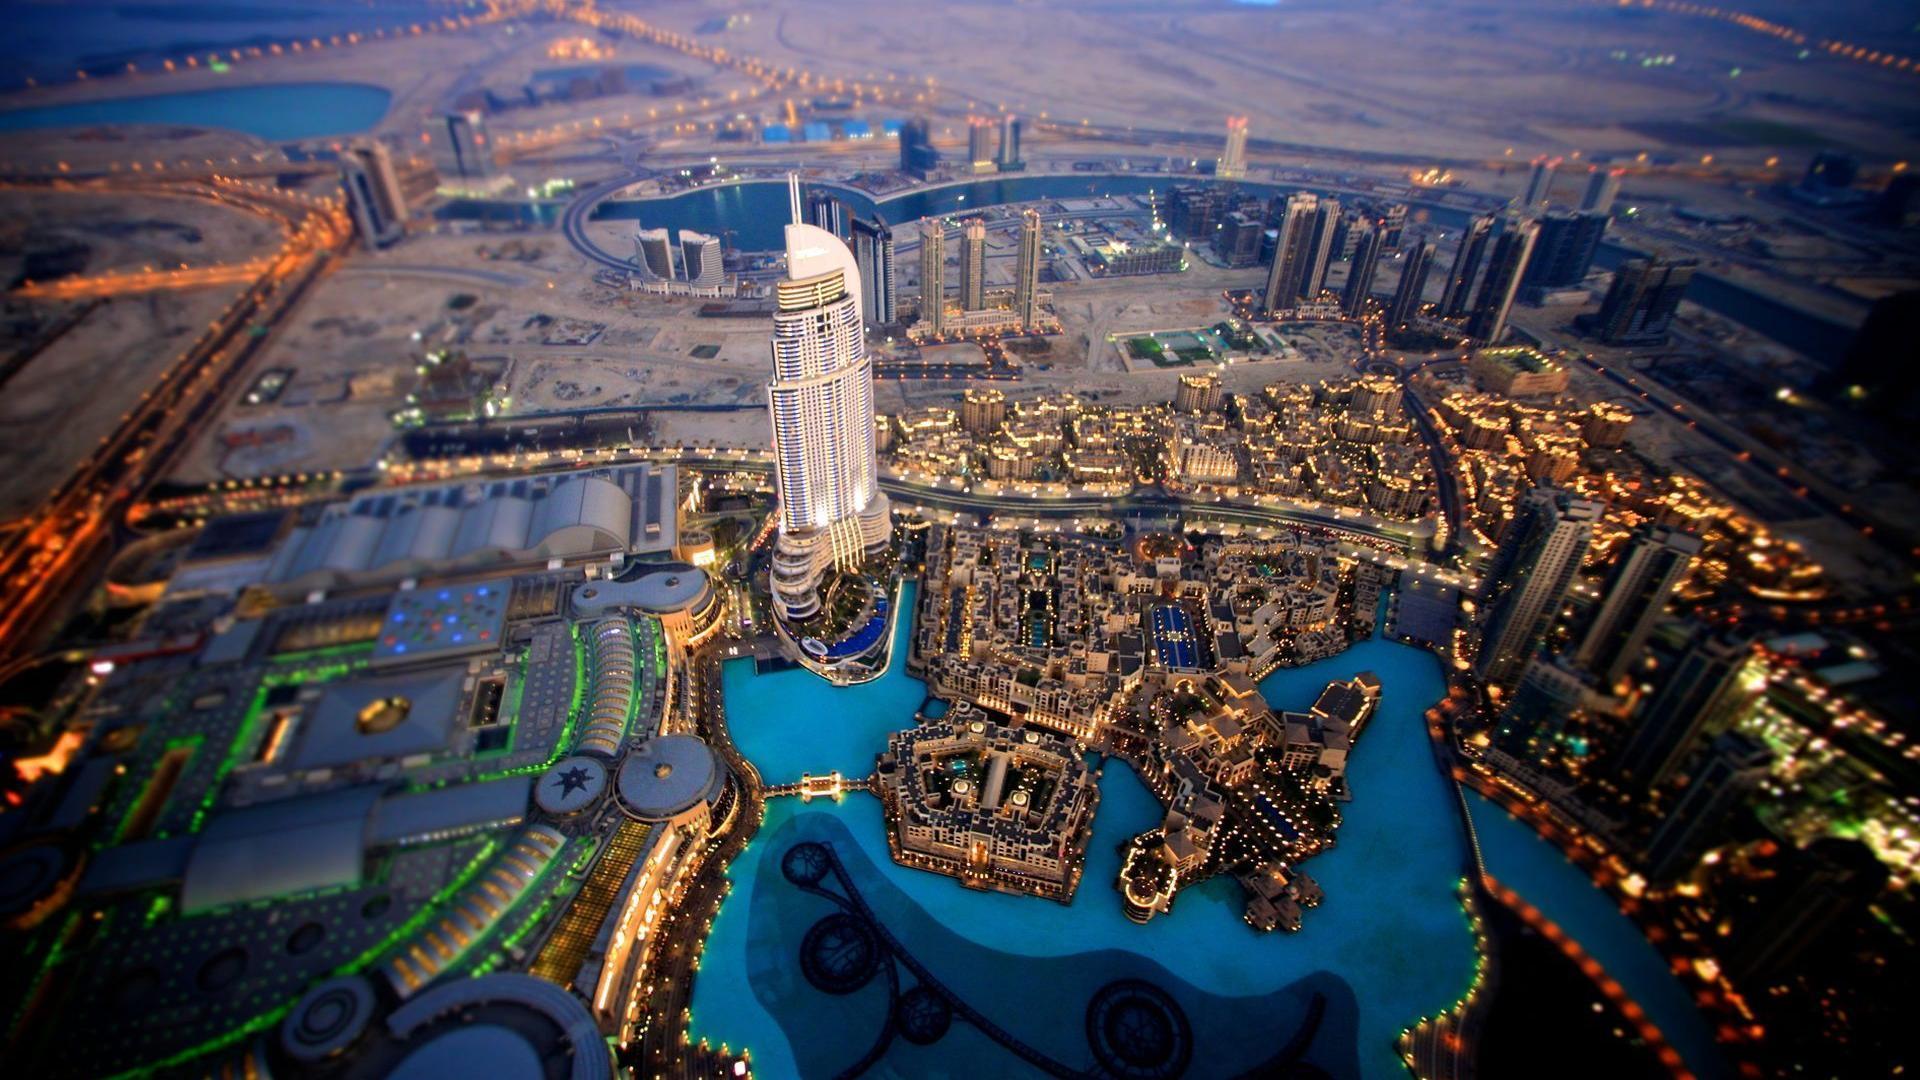 Burj Khalifa Aka Burj Dubai